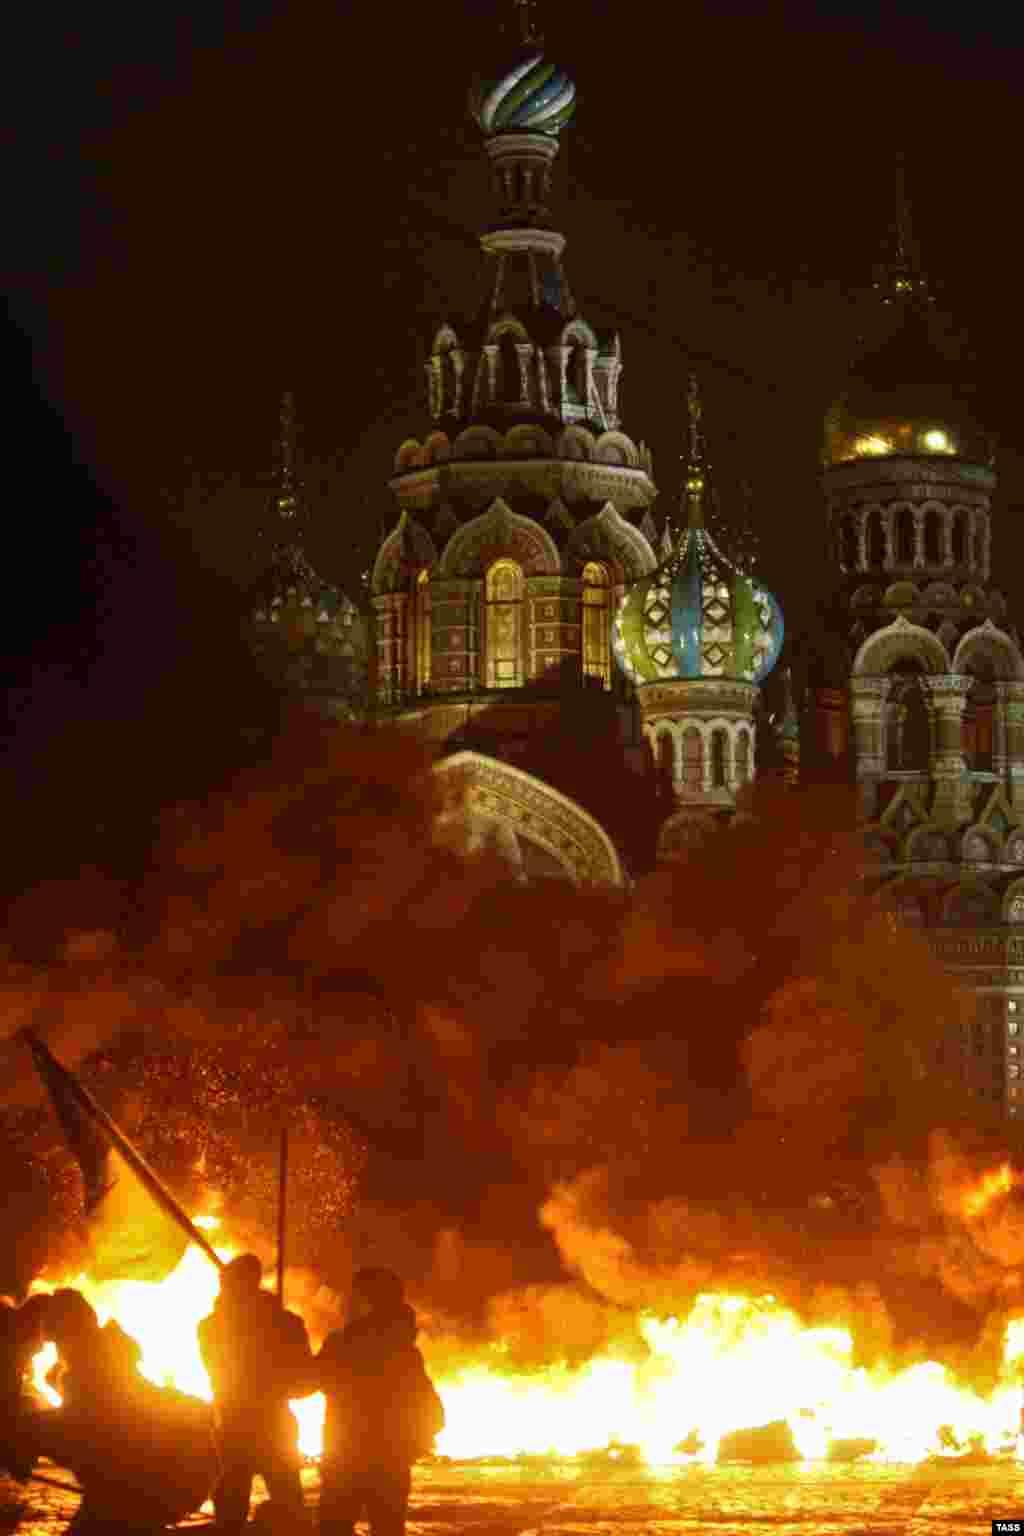 """Участники акции """"Свобода"""" принесли на мост автомобильные покрышки, сложили из них баррикады и подожгли"""